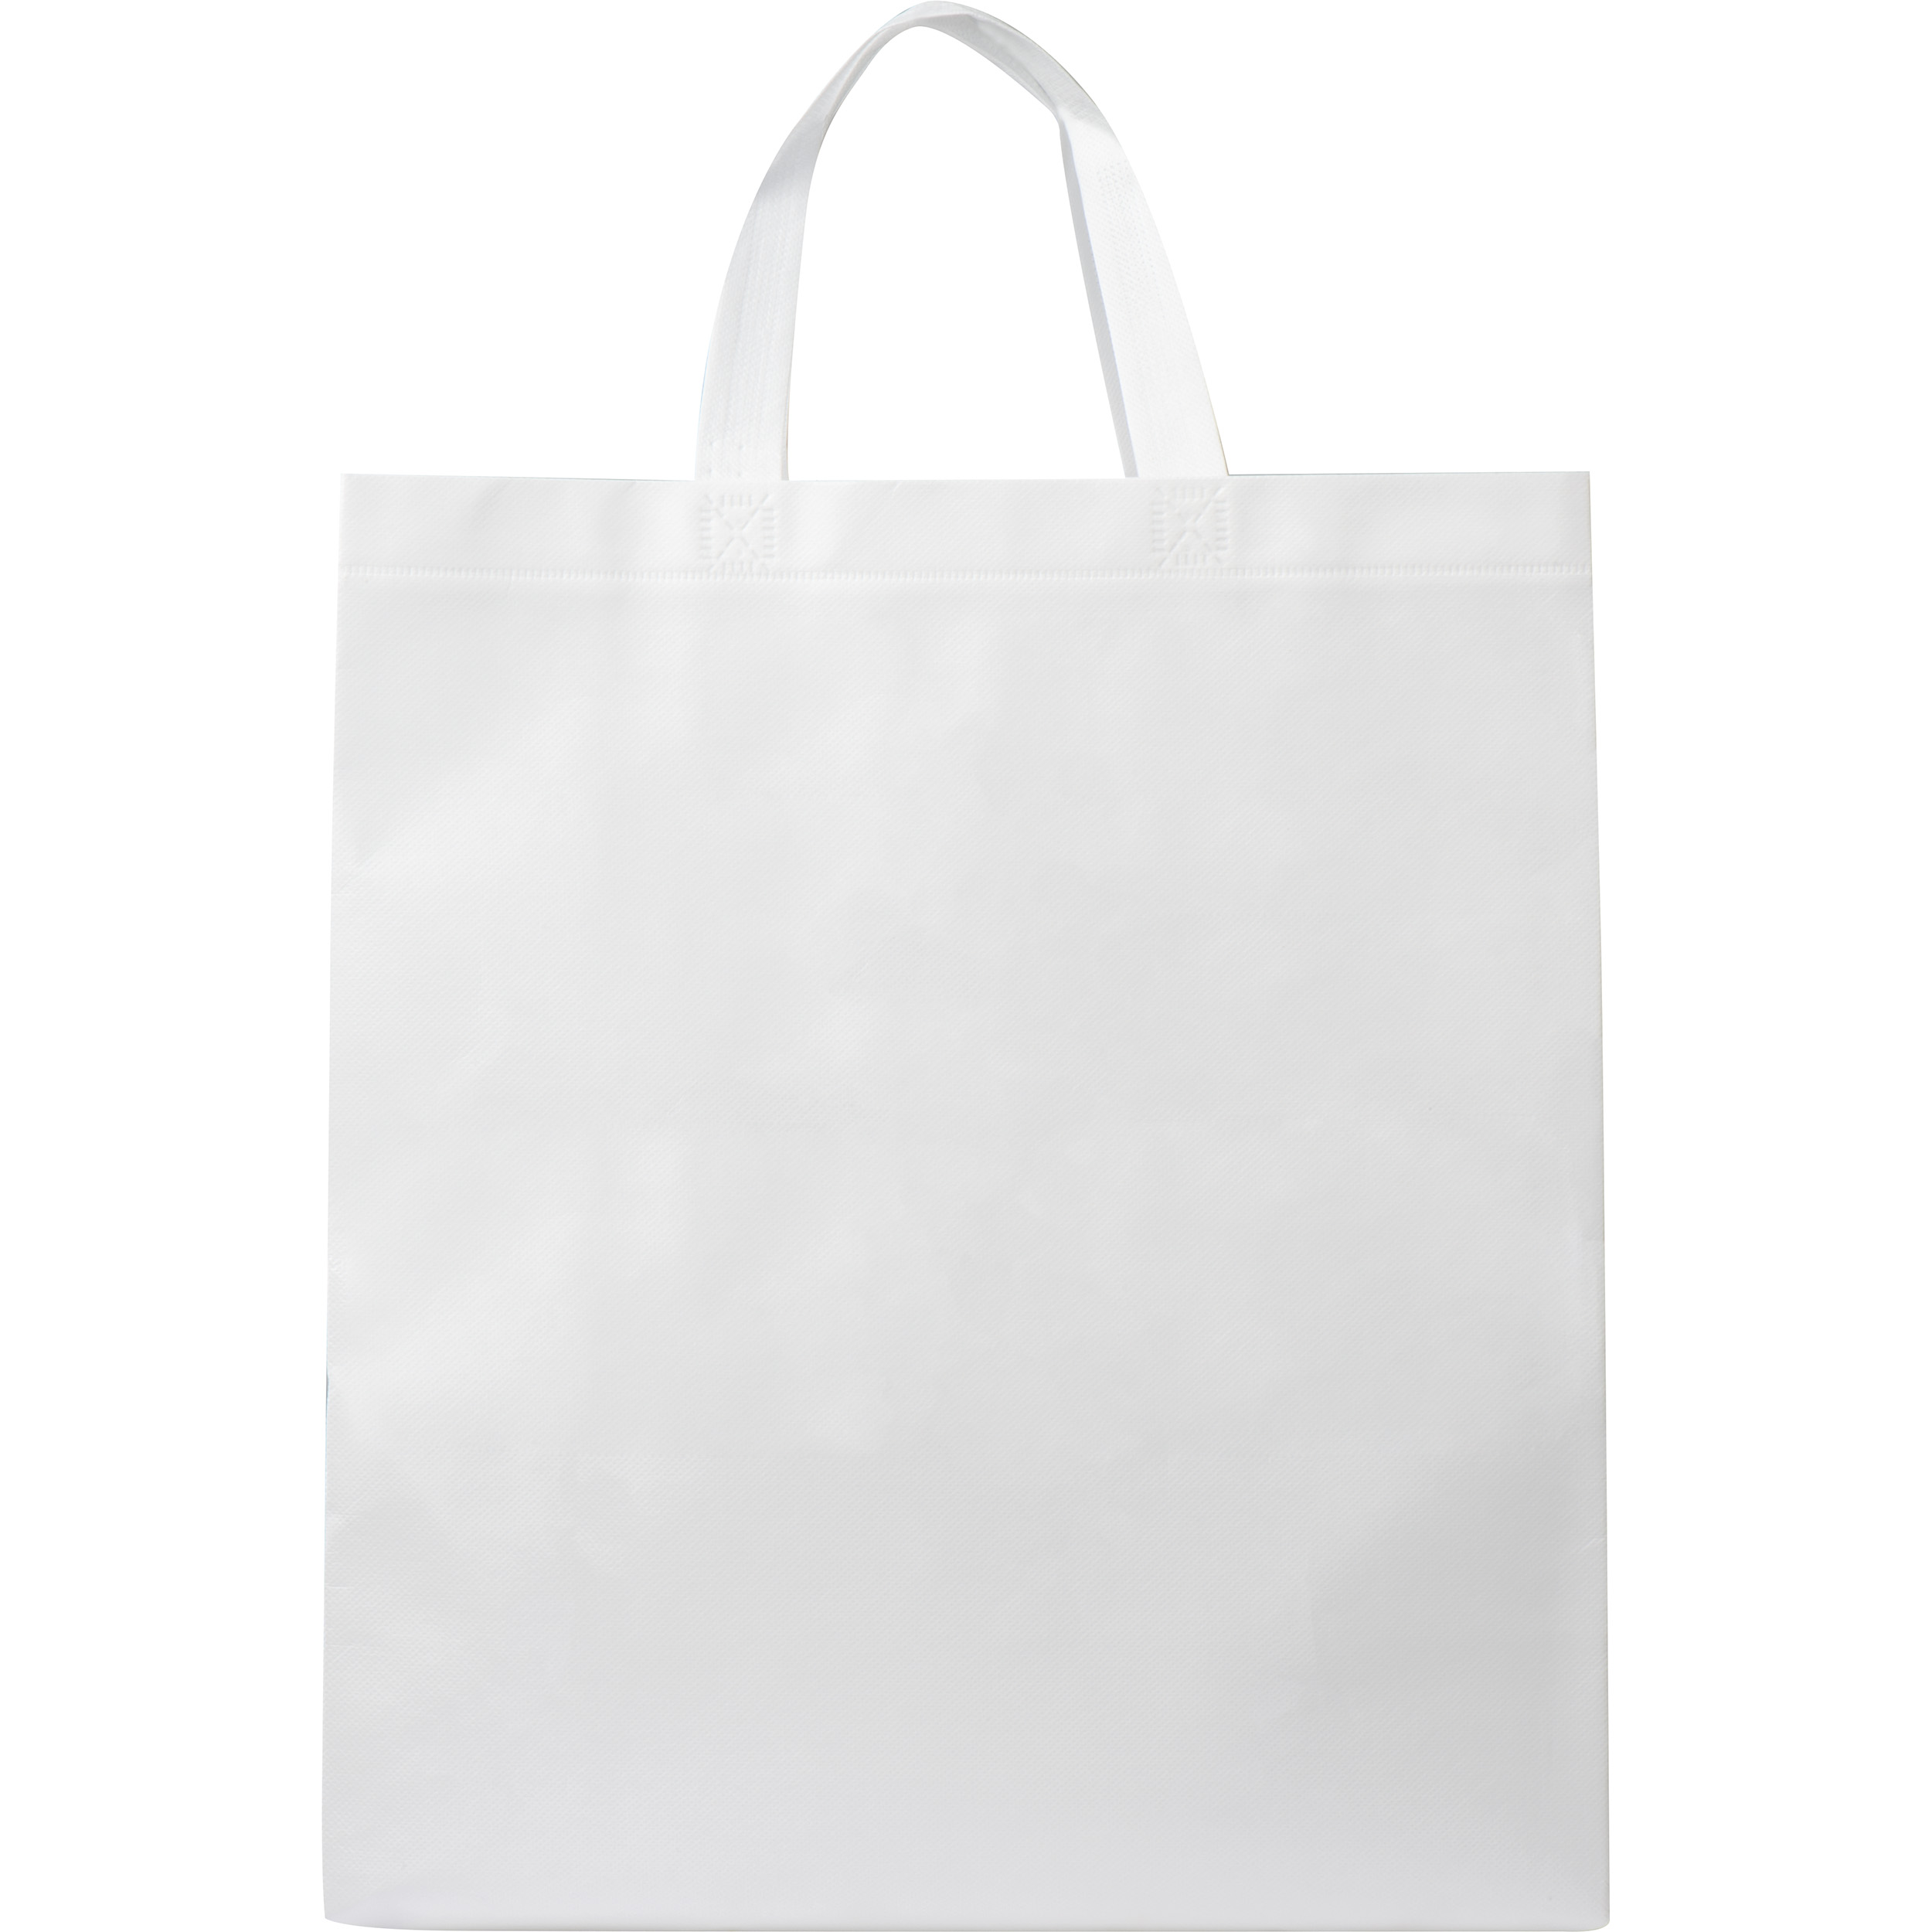 Non-Woven Tasche groß